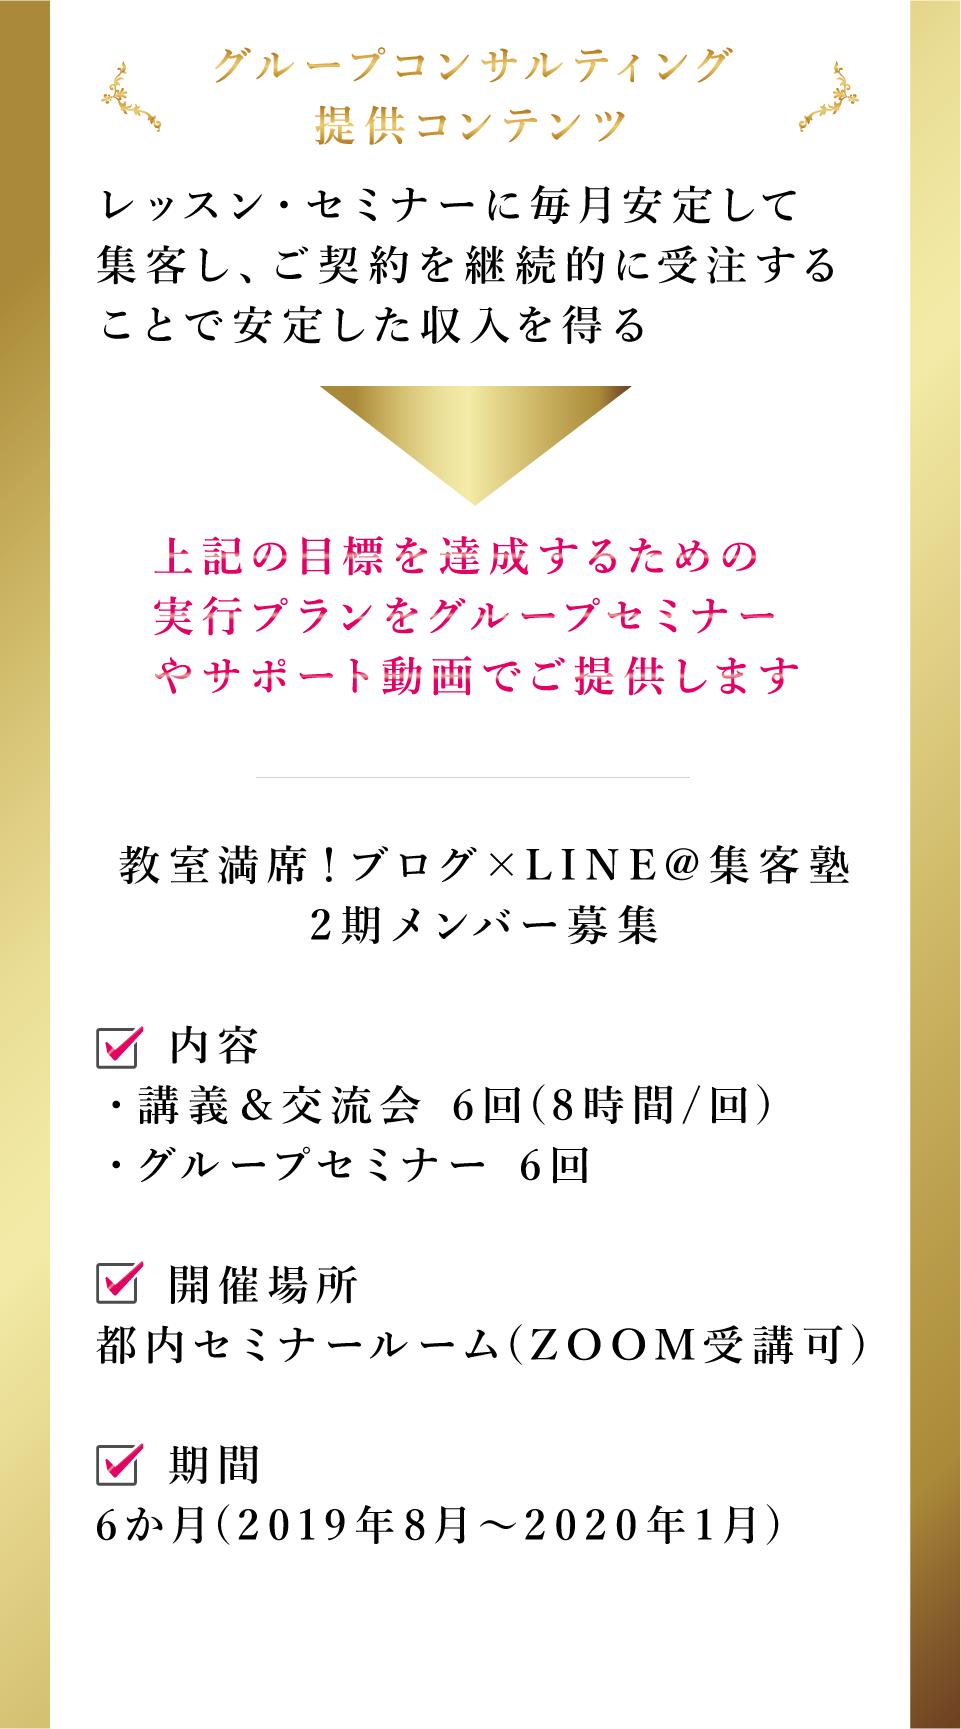 グループコンサルティング,LINE@,ブログ